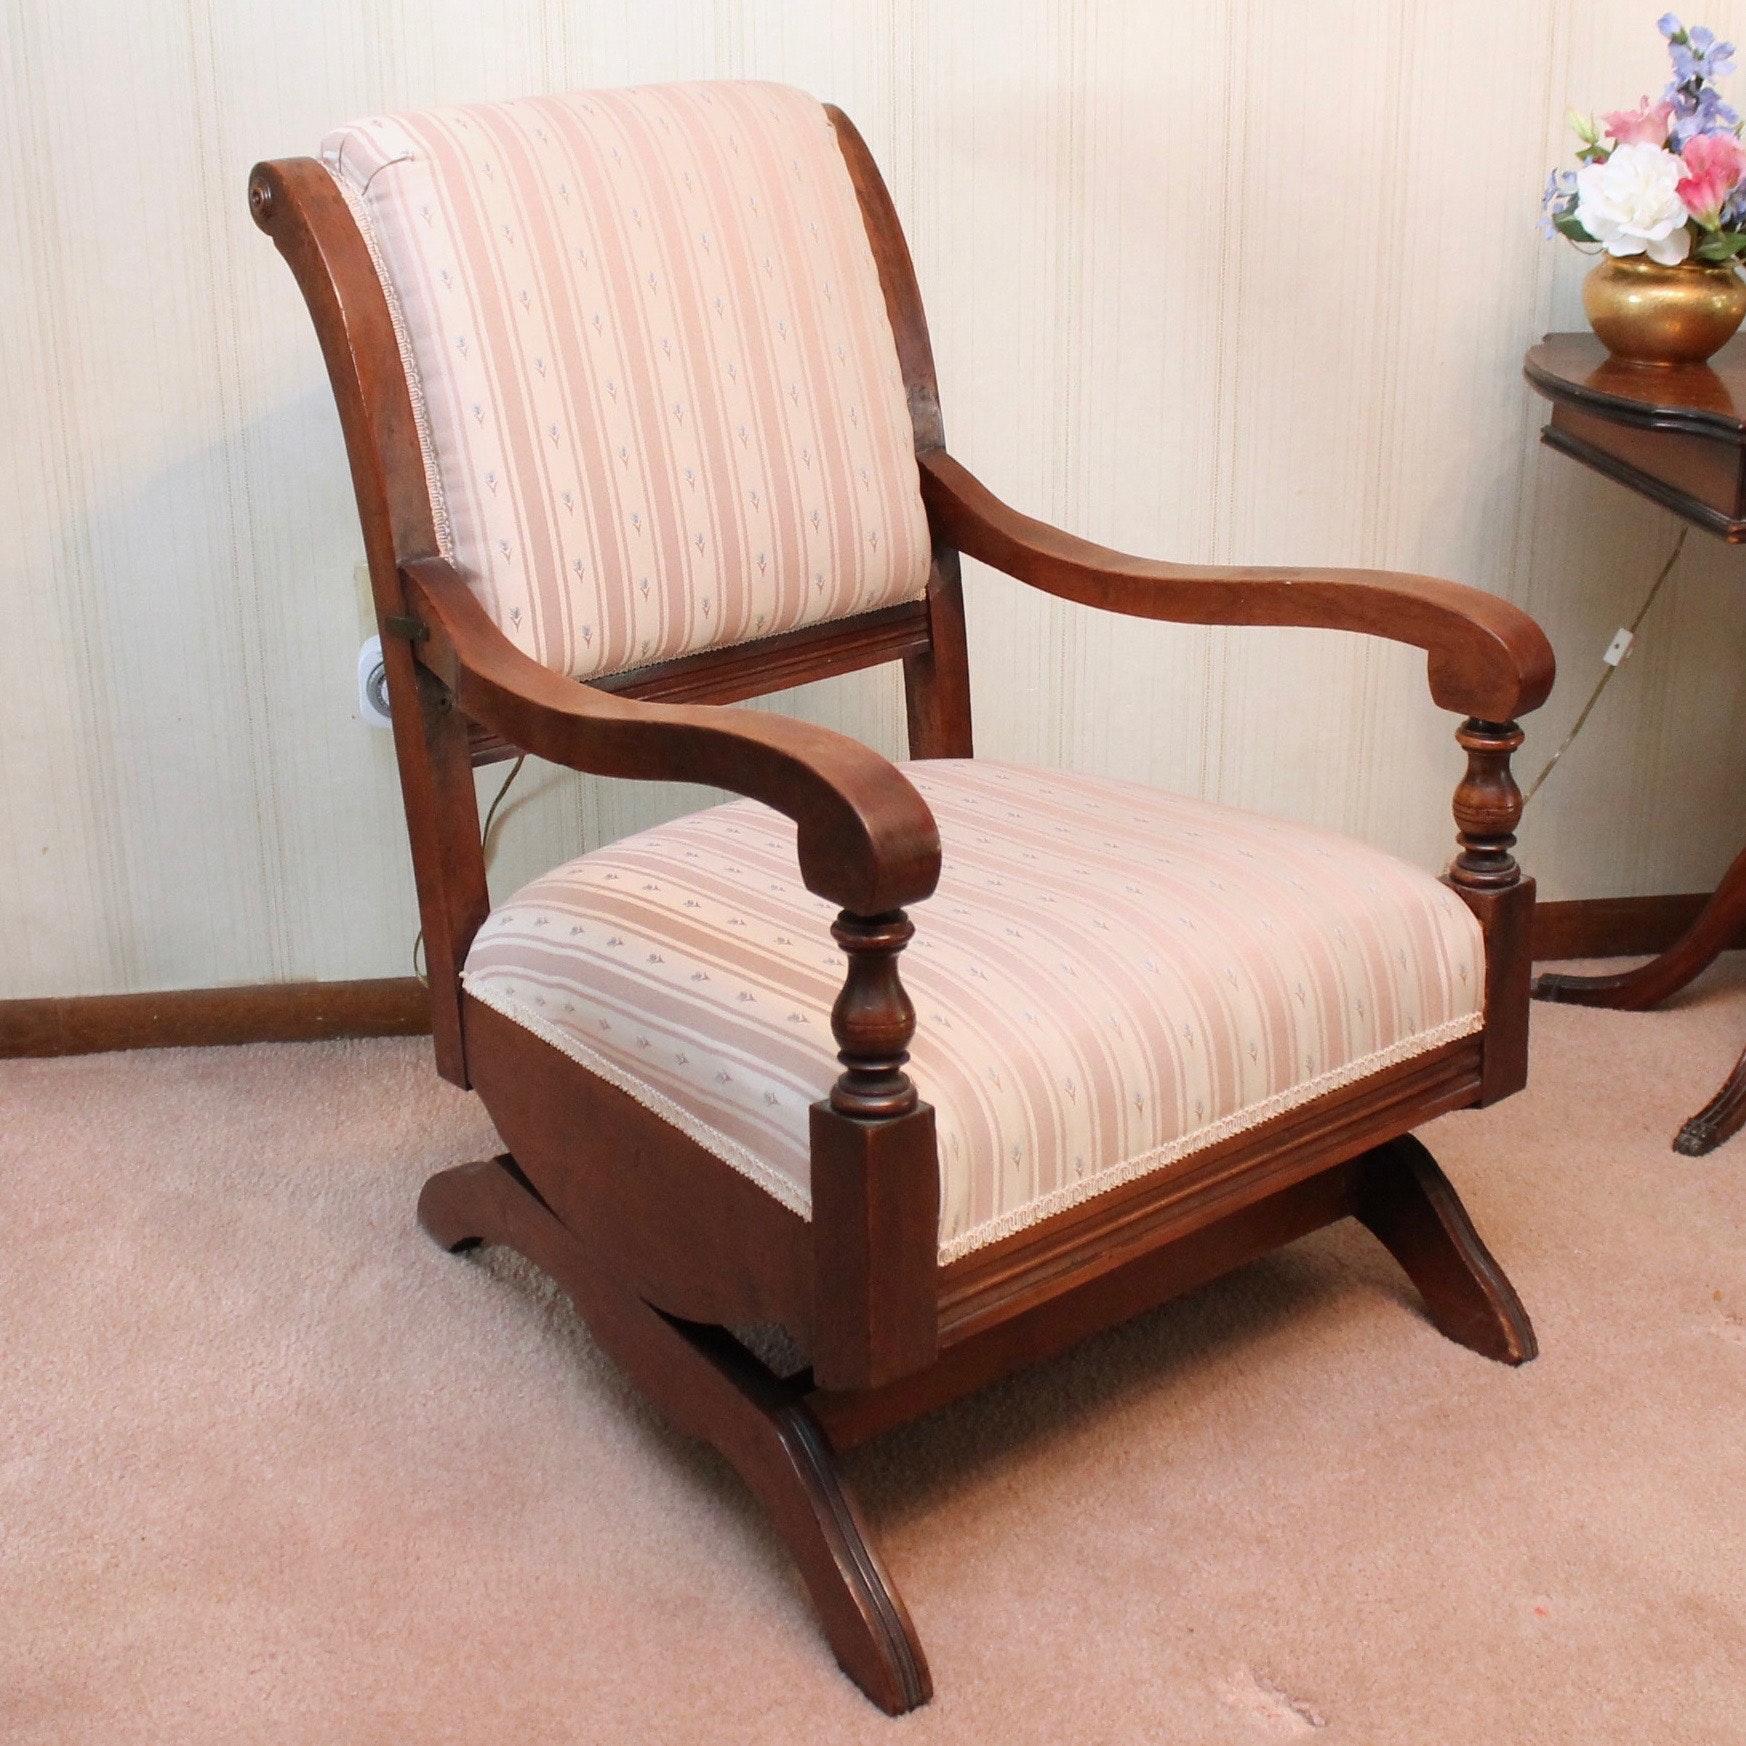 Antique Walnut Rocking Chair